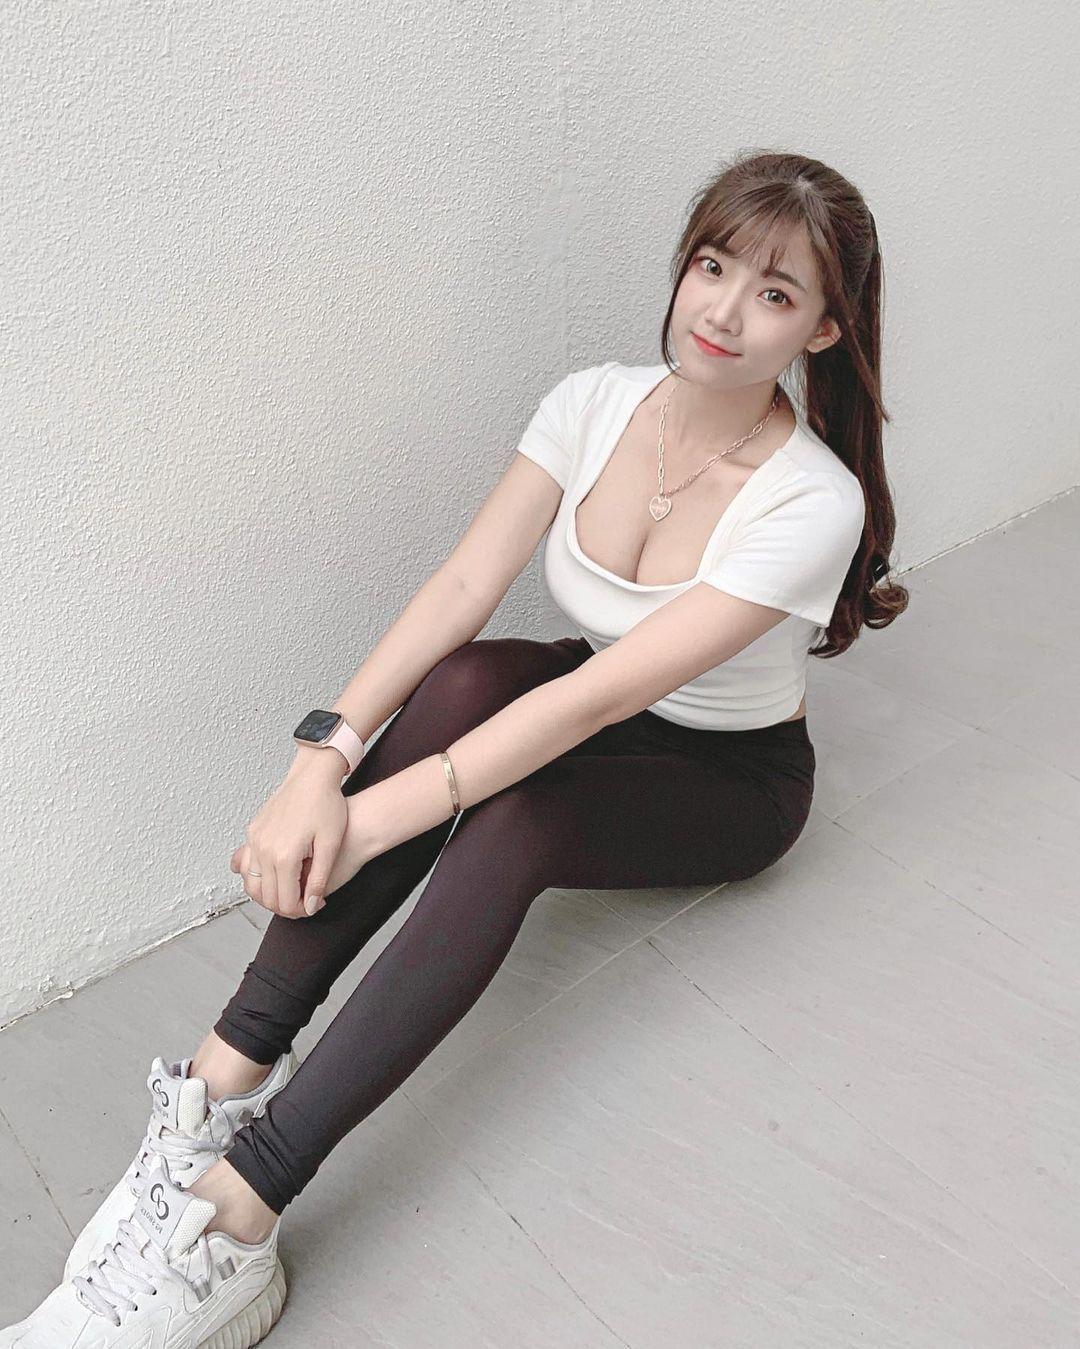 清纯甜美的正妹平面设计师Chen臻儿 多才多艺还有好身材 养眼图片 第7张